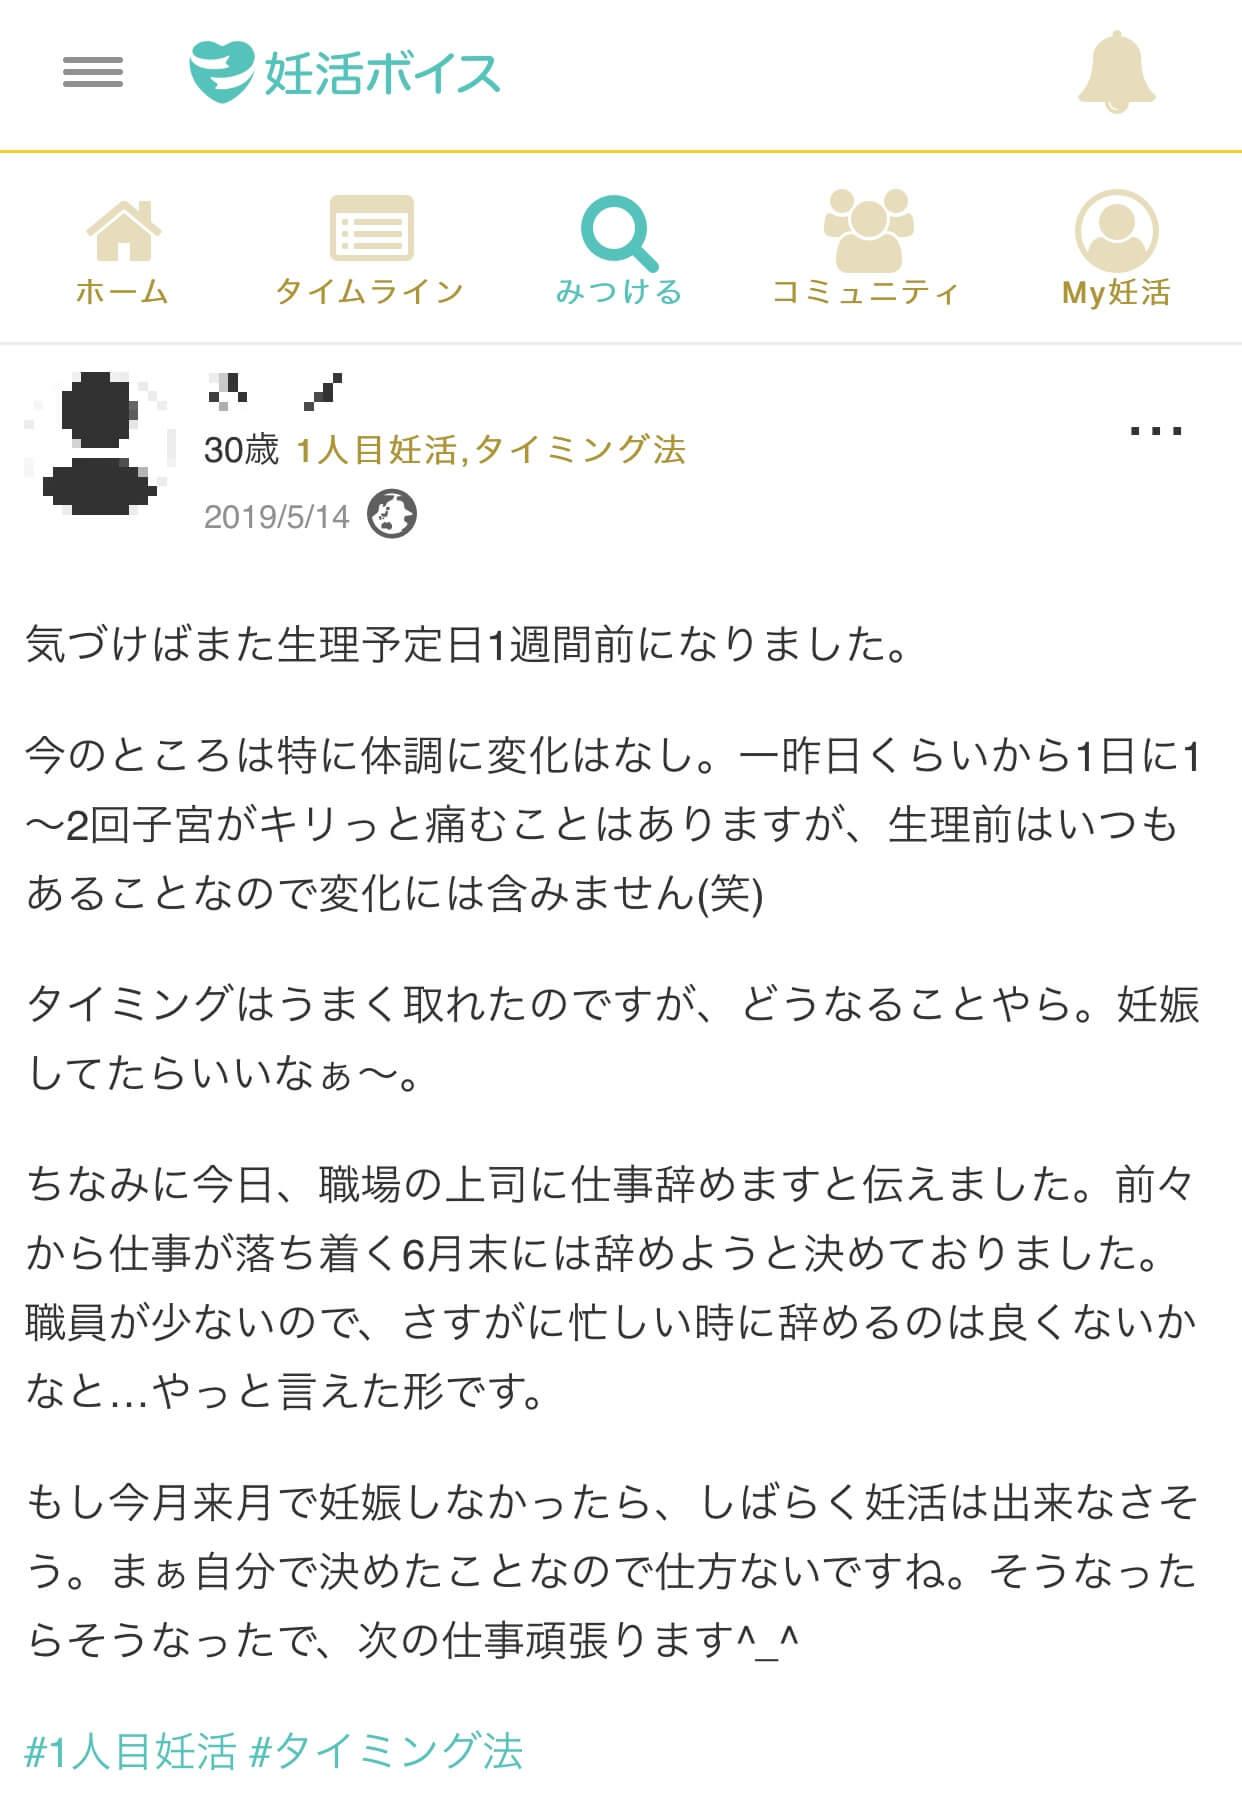 Aさん(30歳・1人目妊活・タイミング法)